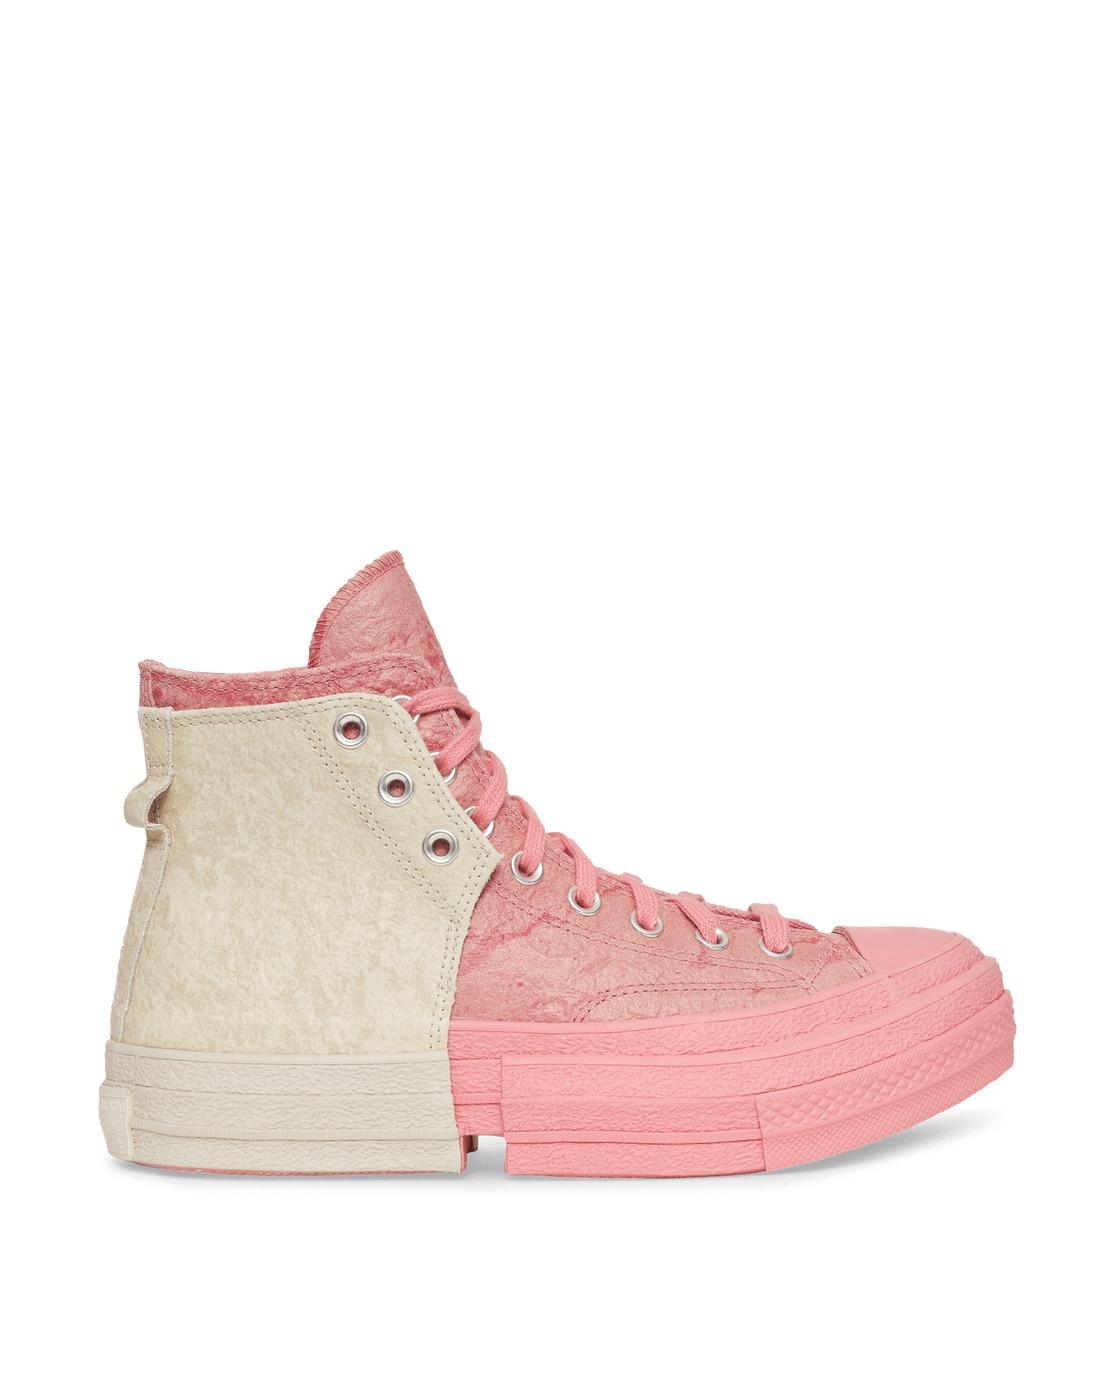 Photo: Converse Feng Chen Wang 2 In 1 Chuck 70 Hi Sneakers